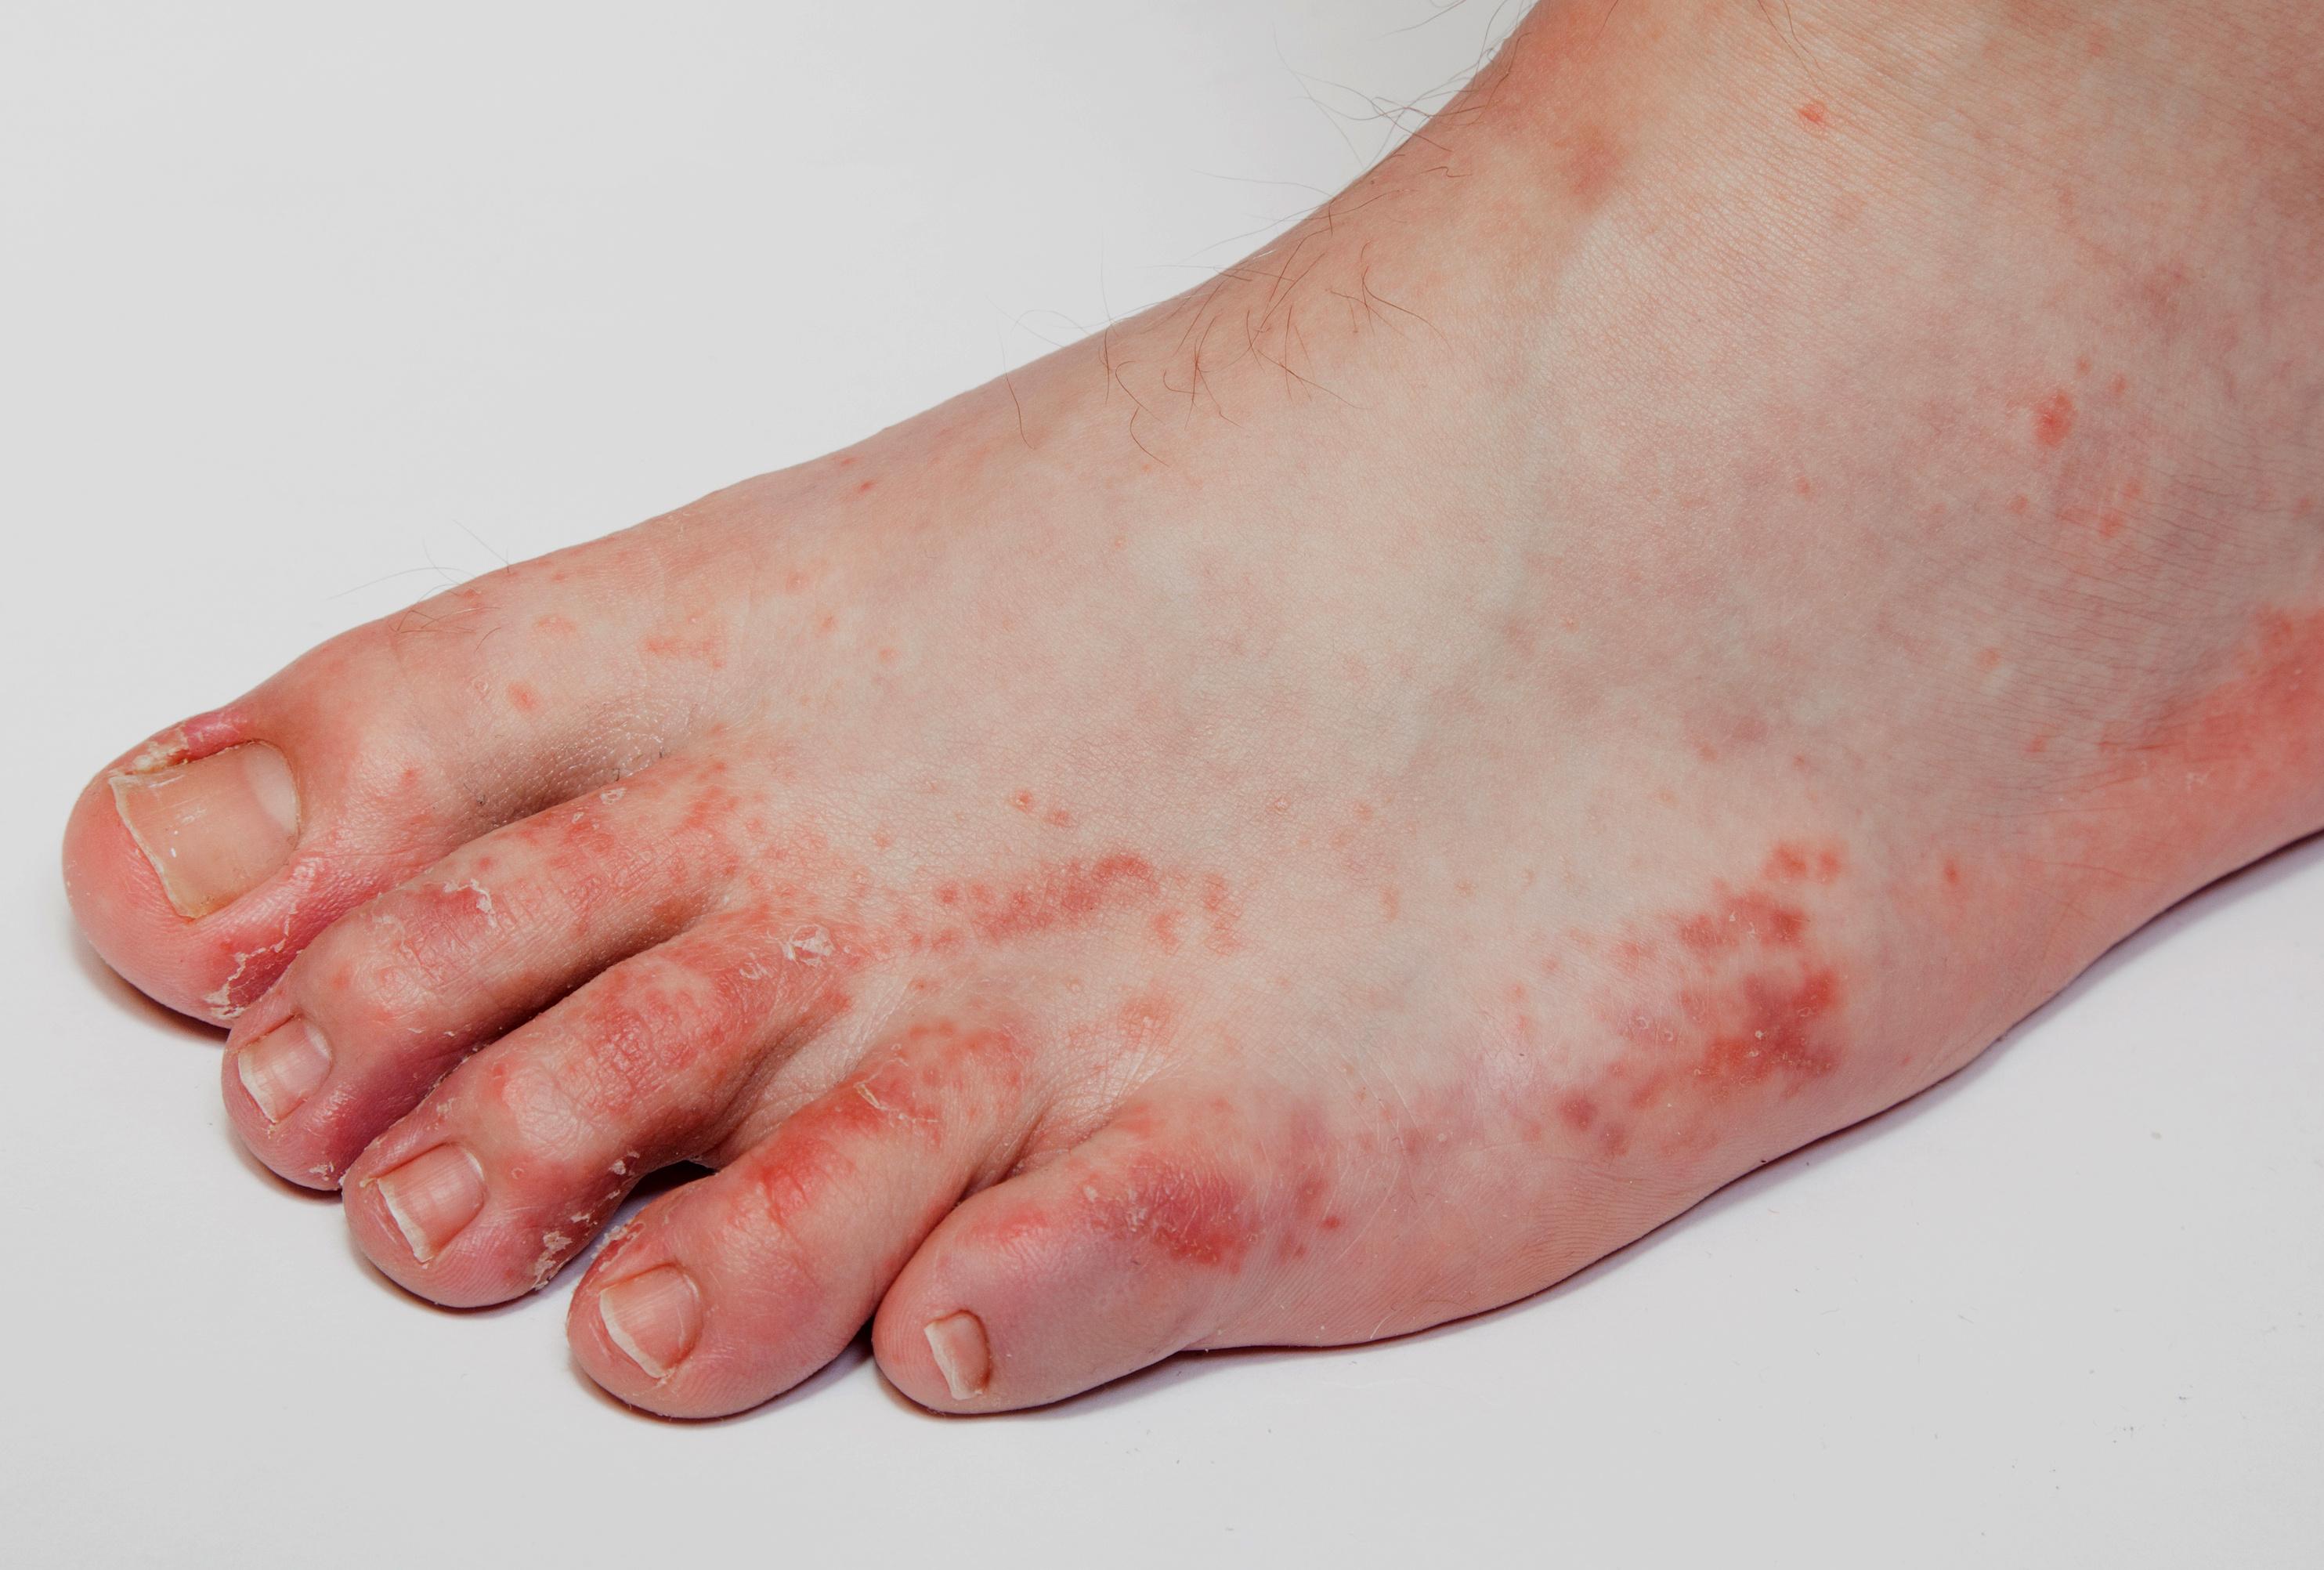 láb és kezek pikkelysömörének kezelése vörös folt az arcon, hogyan lehet eltávolítani